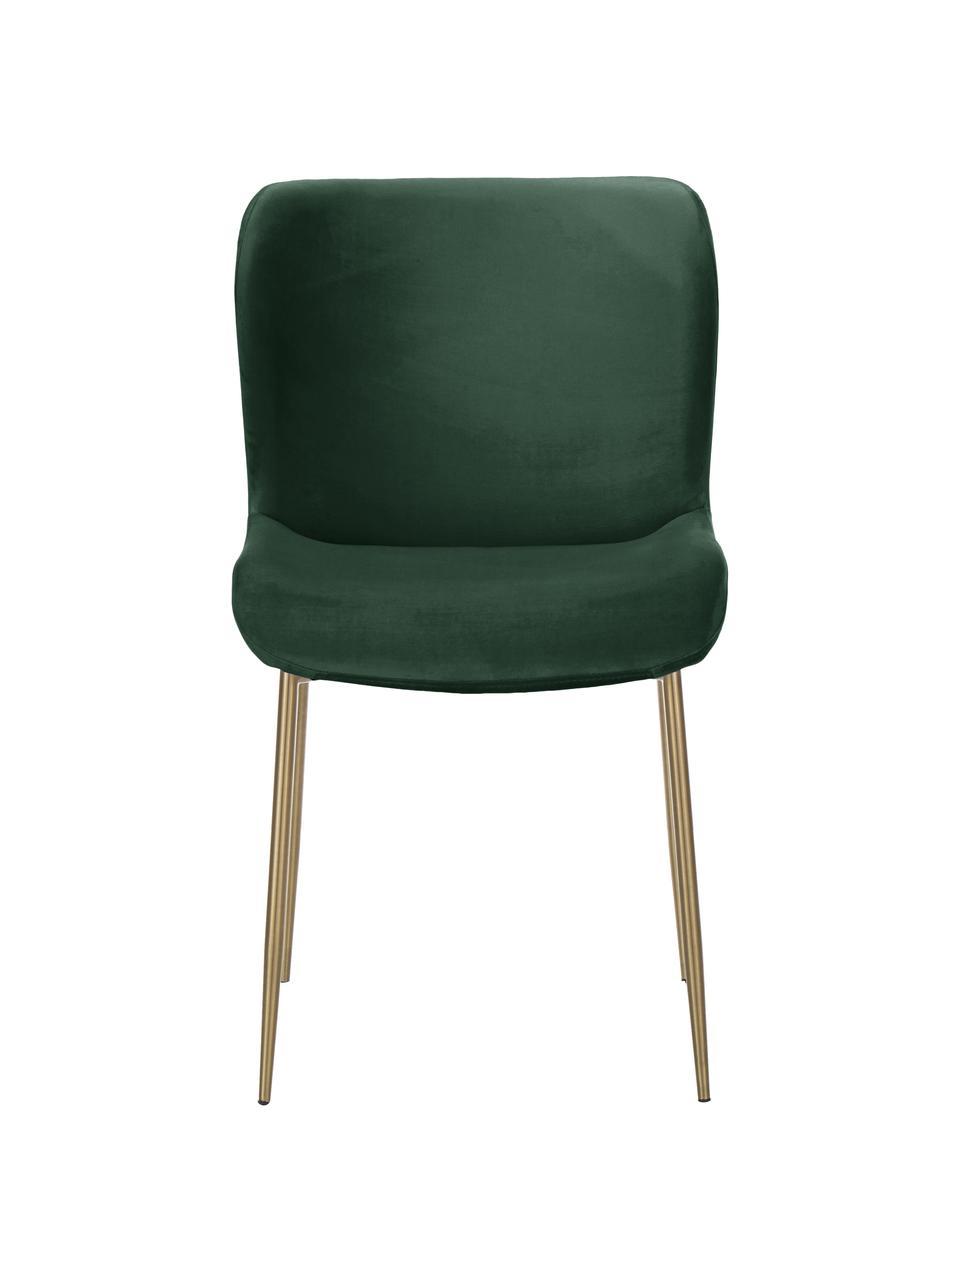 Sedia imbottita in velluto verde Tess, Rivestimento: velluto (poliestere) Il r, Gambe: metallo verniciato a polv, Velluto verde, oro, Larg. 49 x Alt. 84 cm